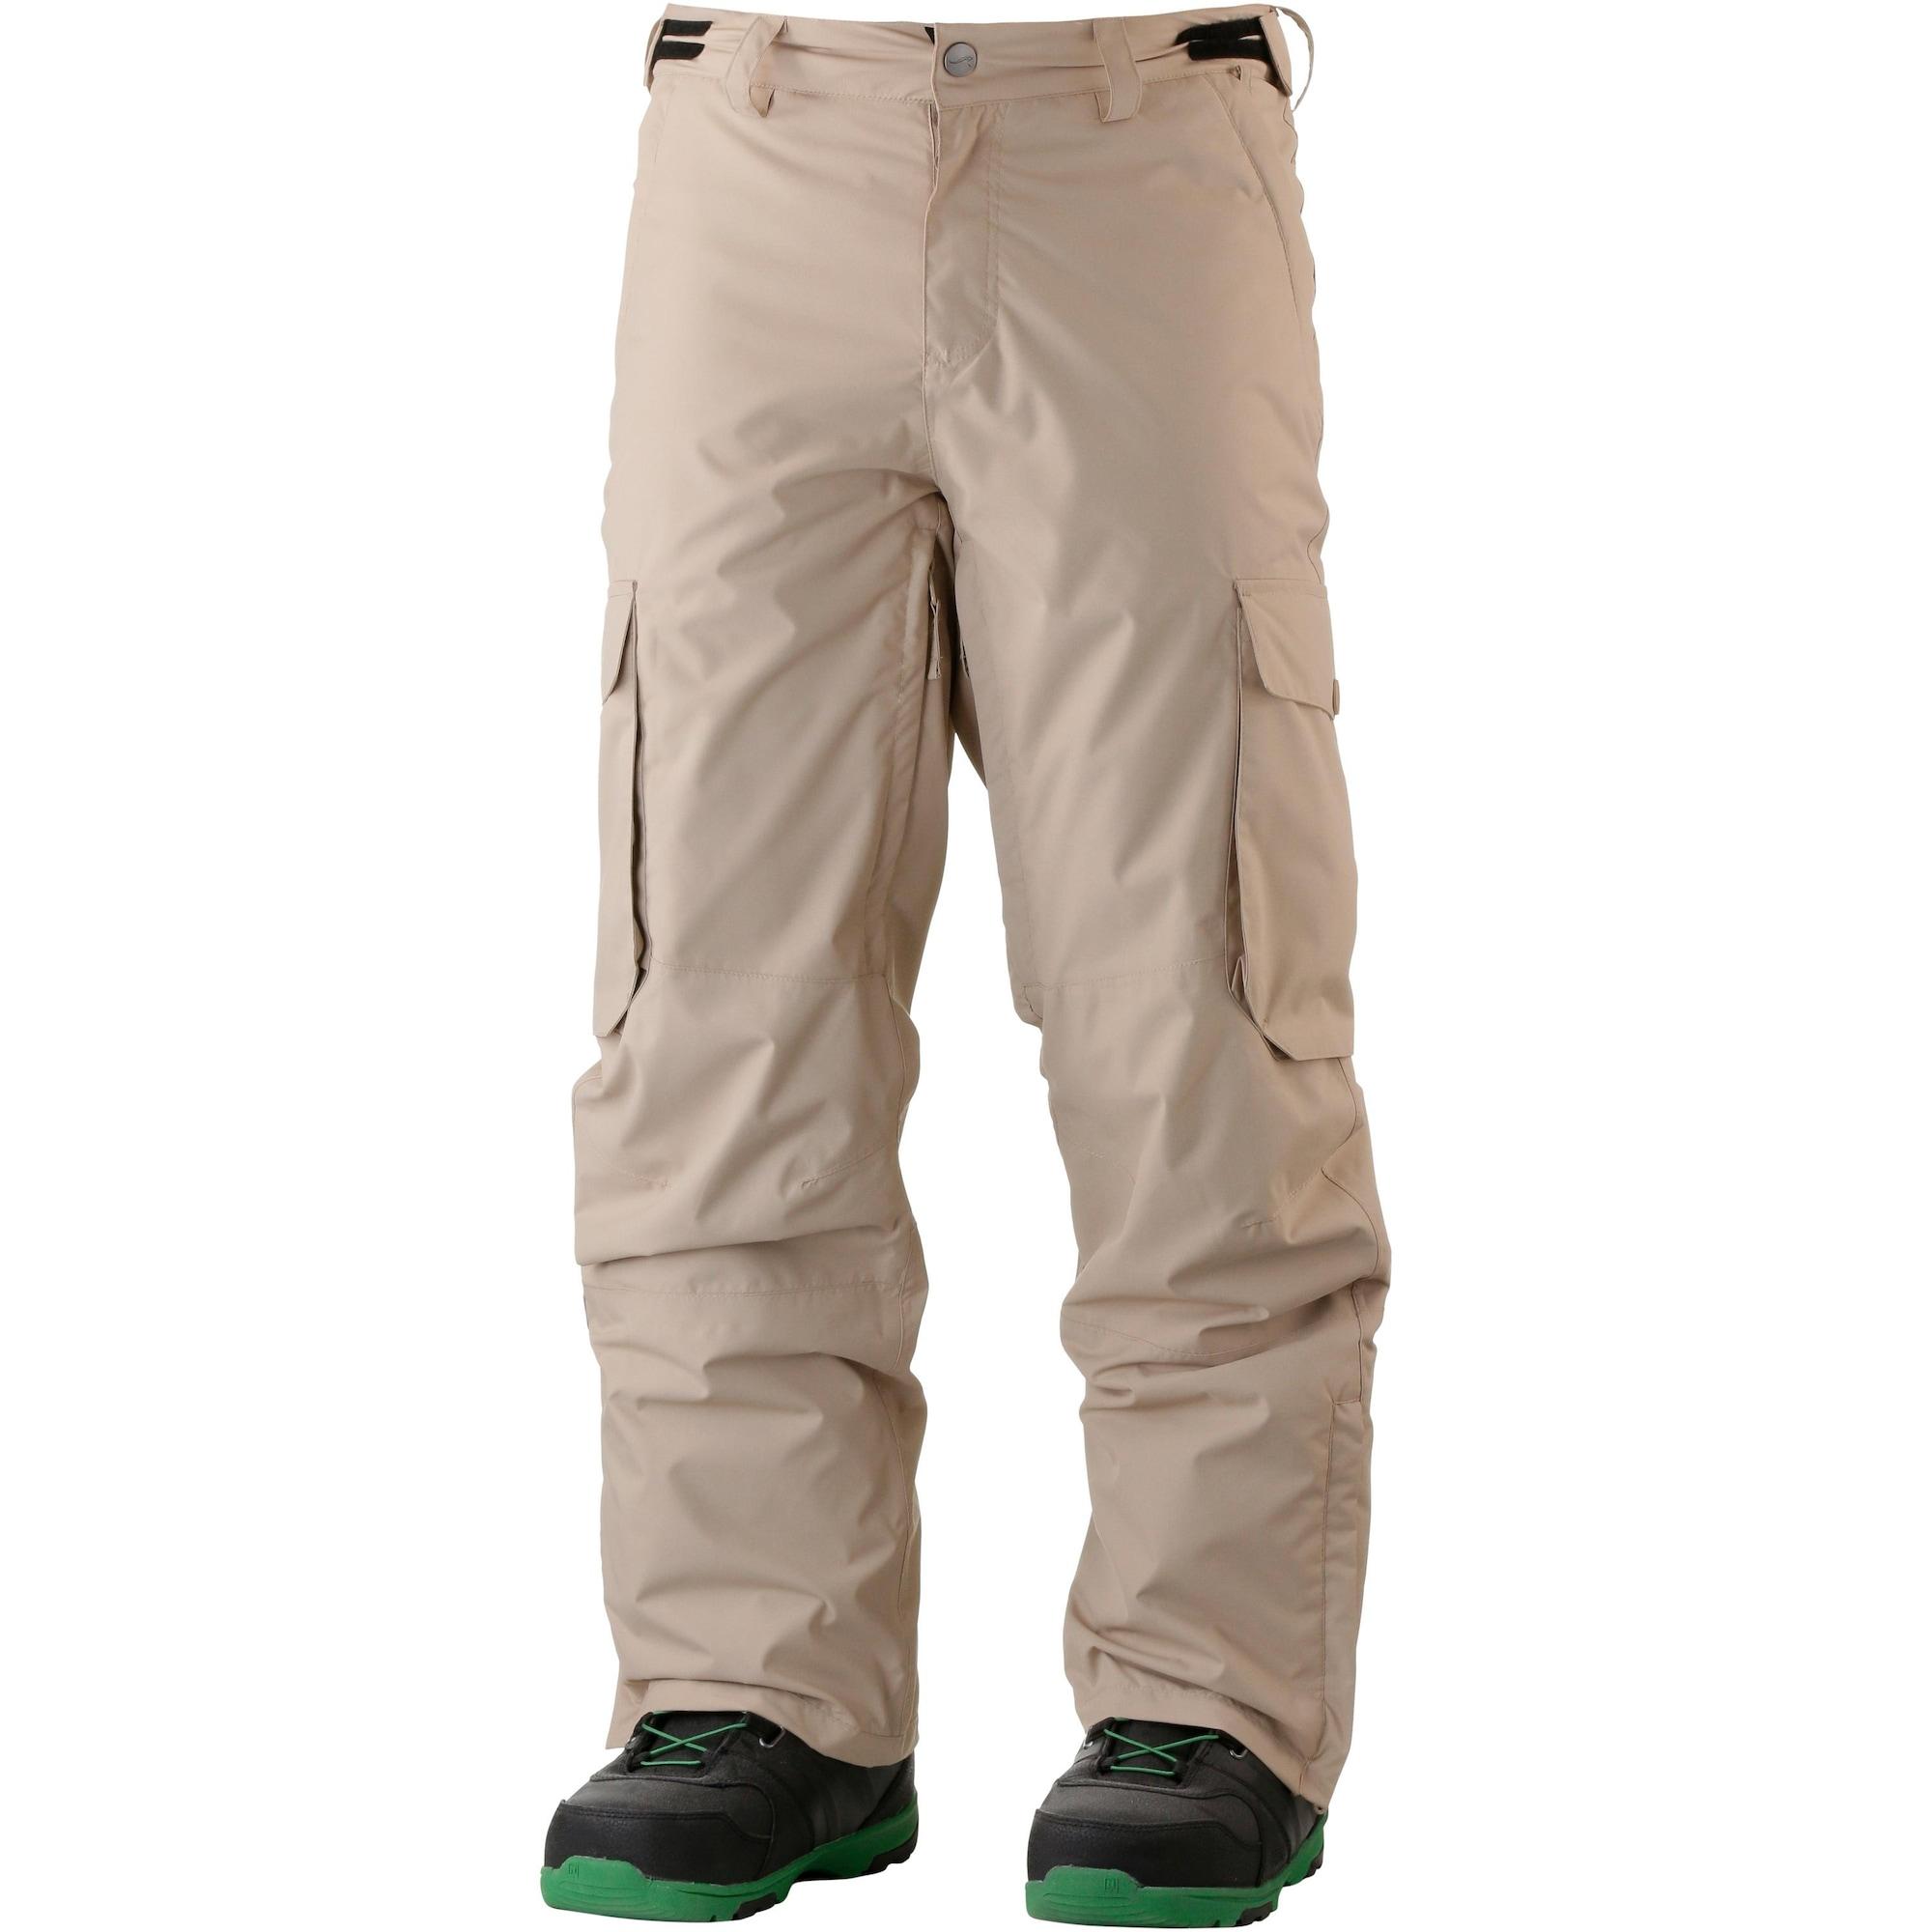 Snowboardhose   Sportbekleidung > Sporthosen > Snowboardhosen   maui wowie